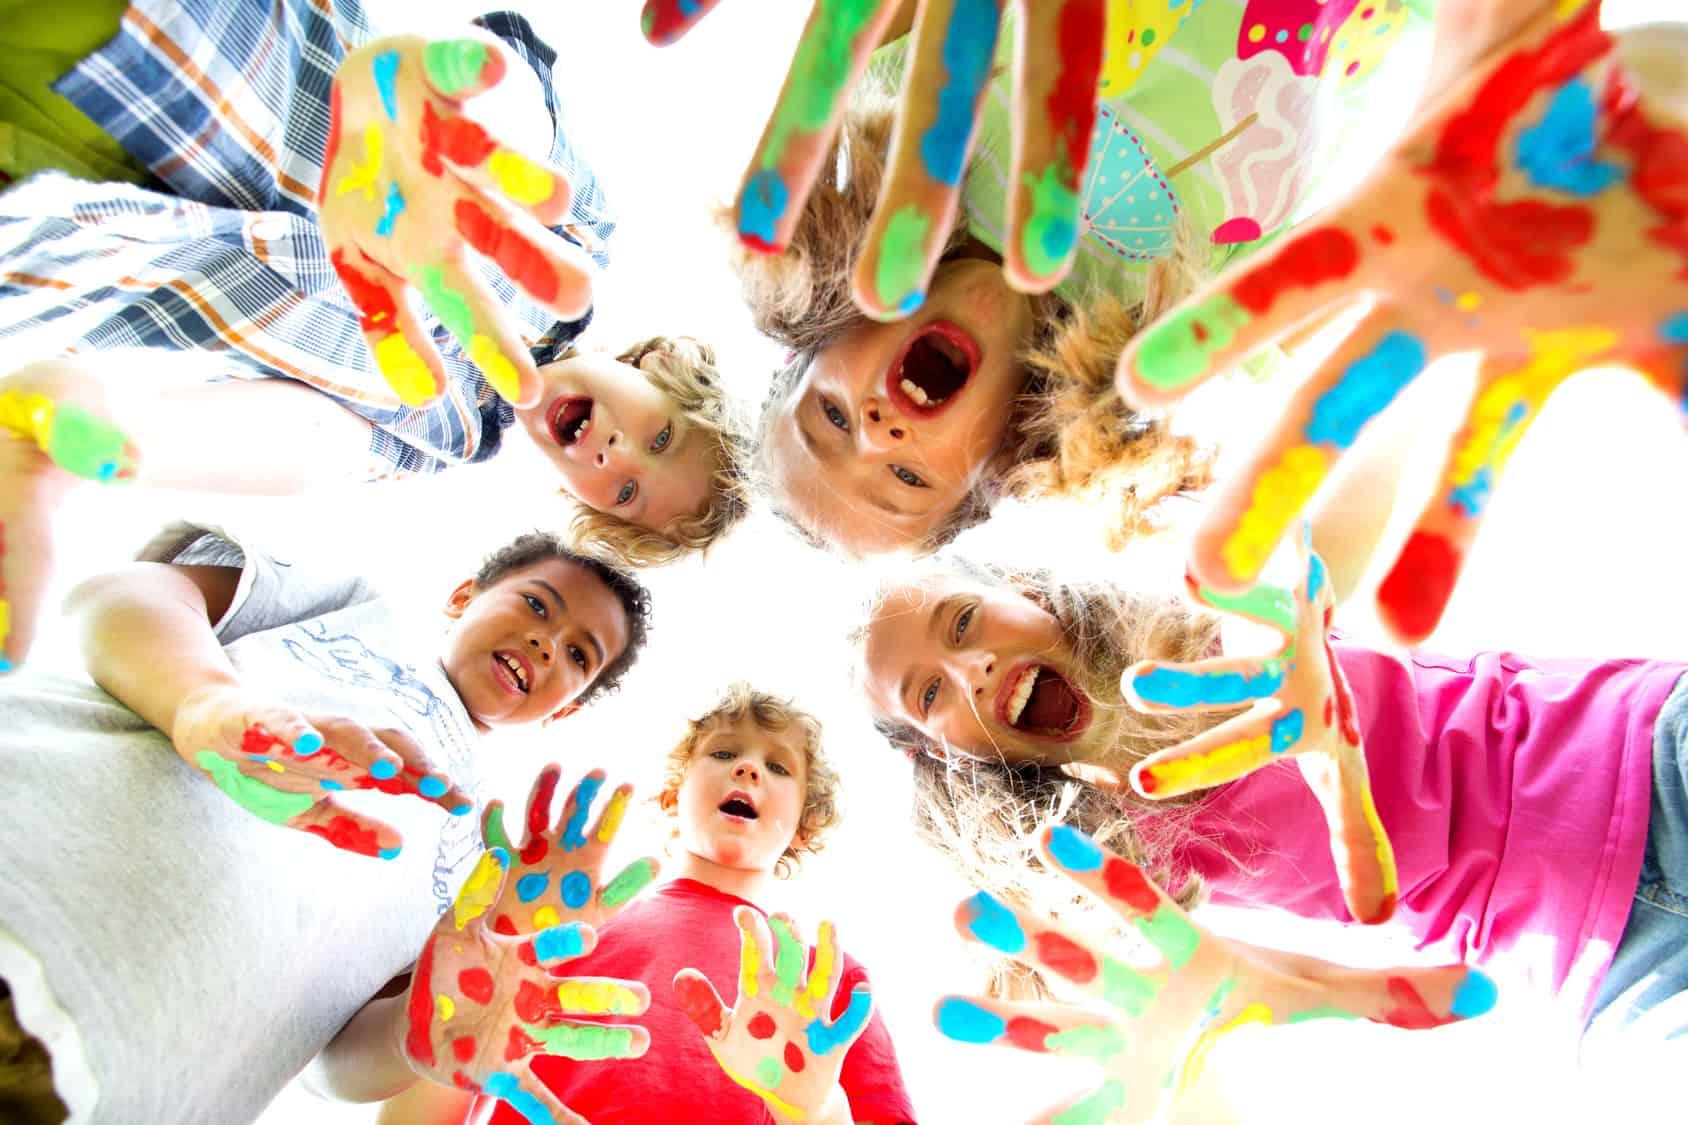 Relazione Genitori Figli | Come migliorare la relazione con i propri figli